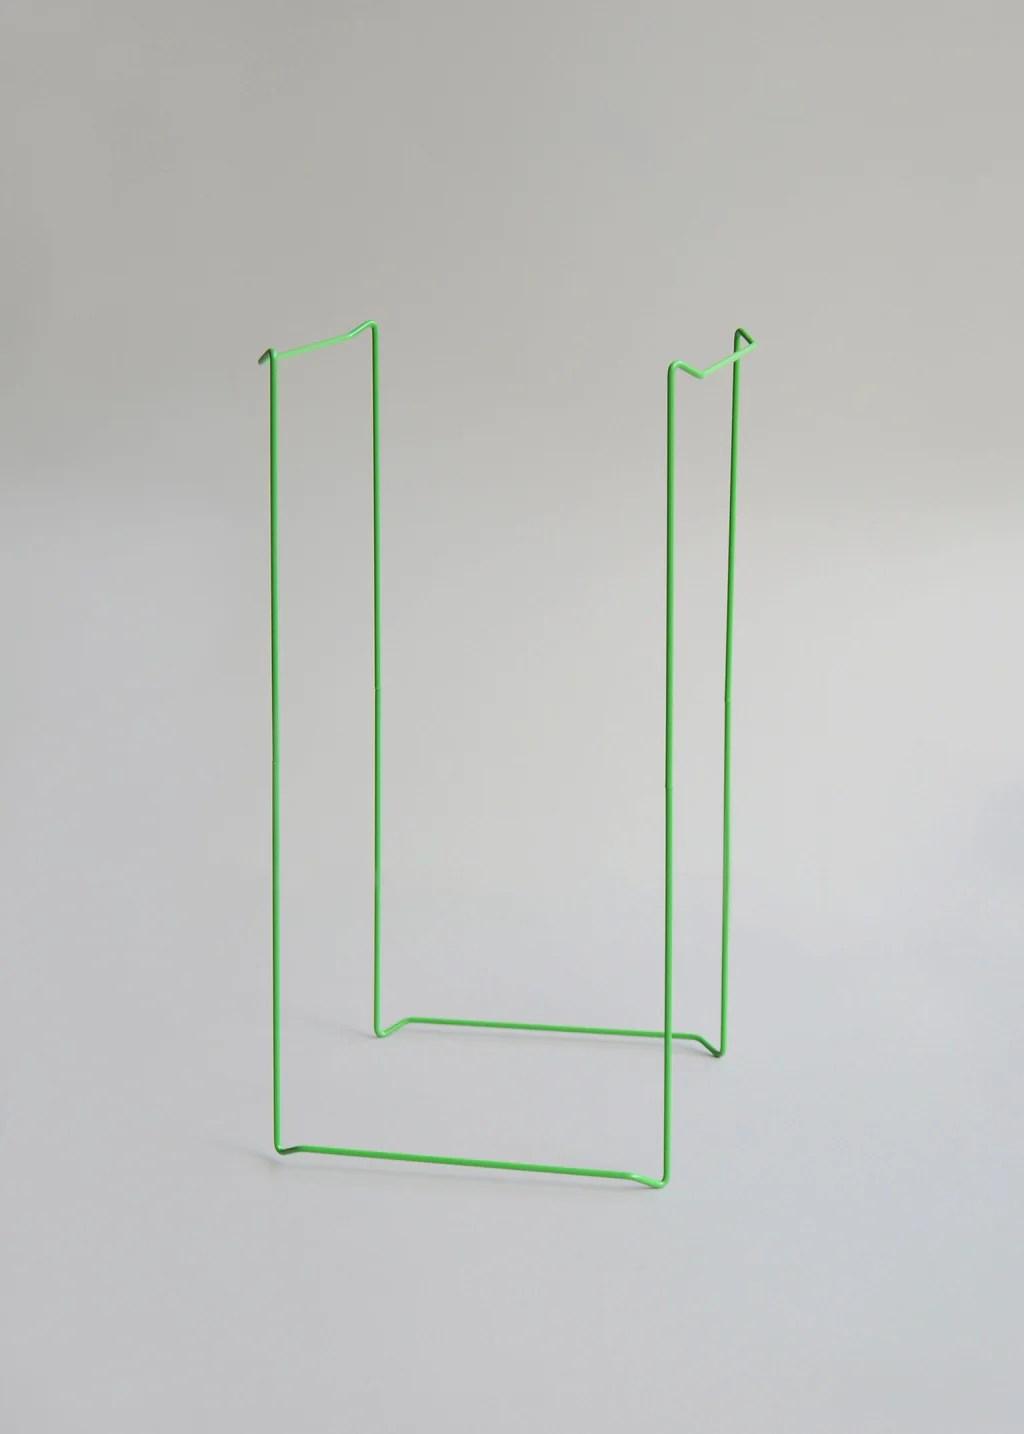 medium resolution of diagram of plastic bag